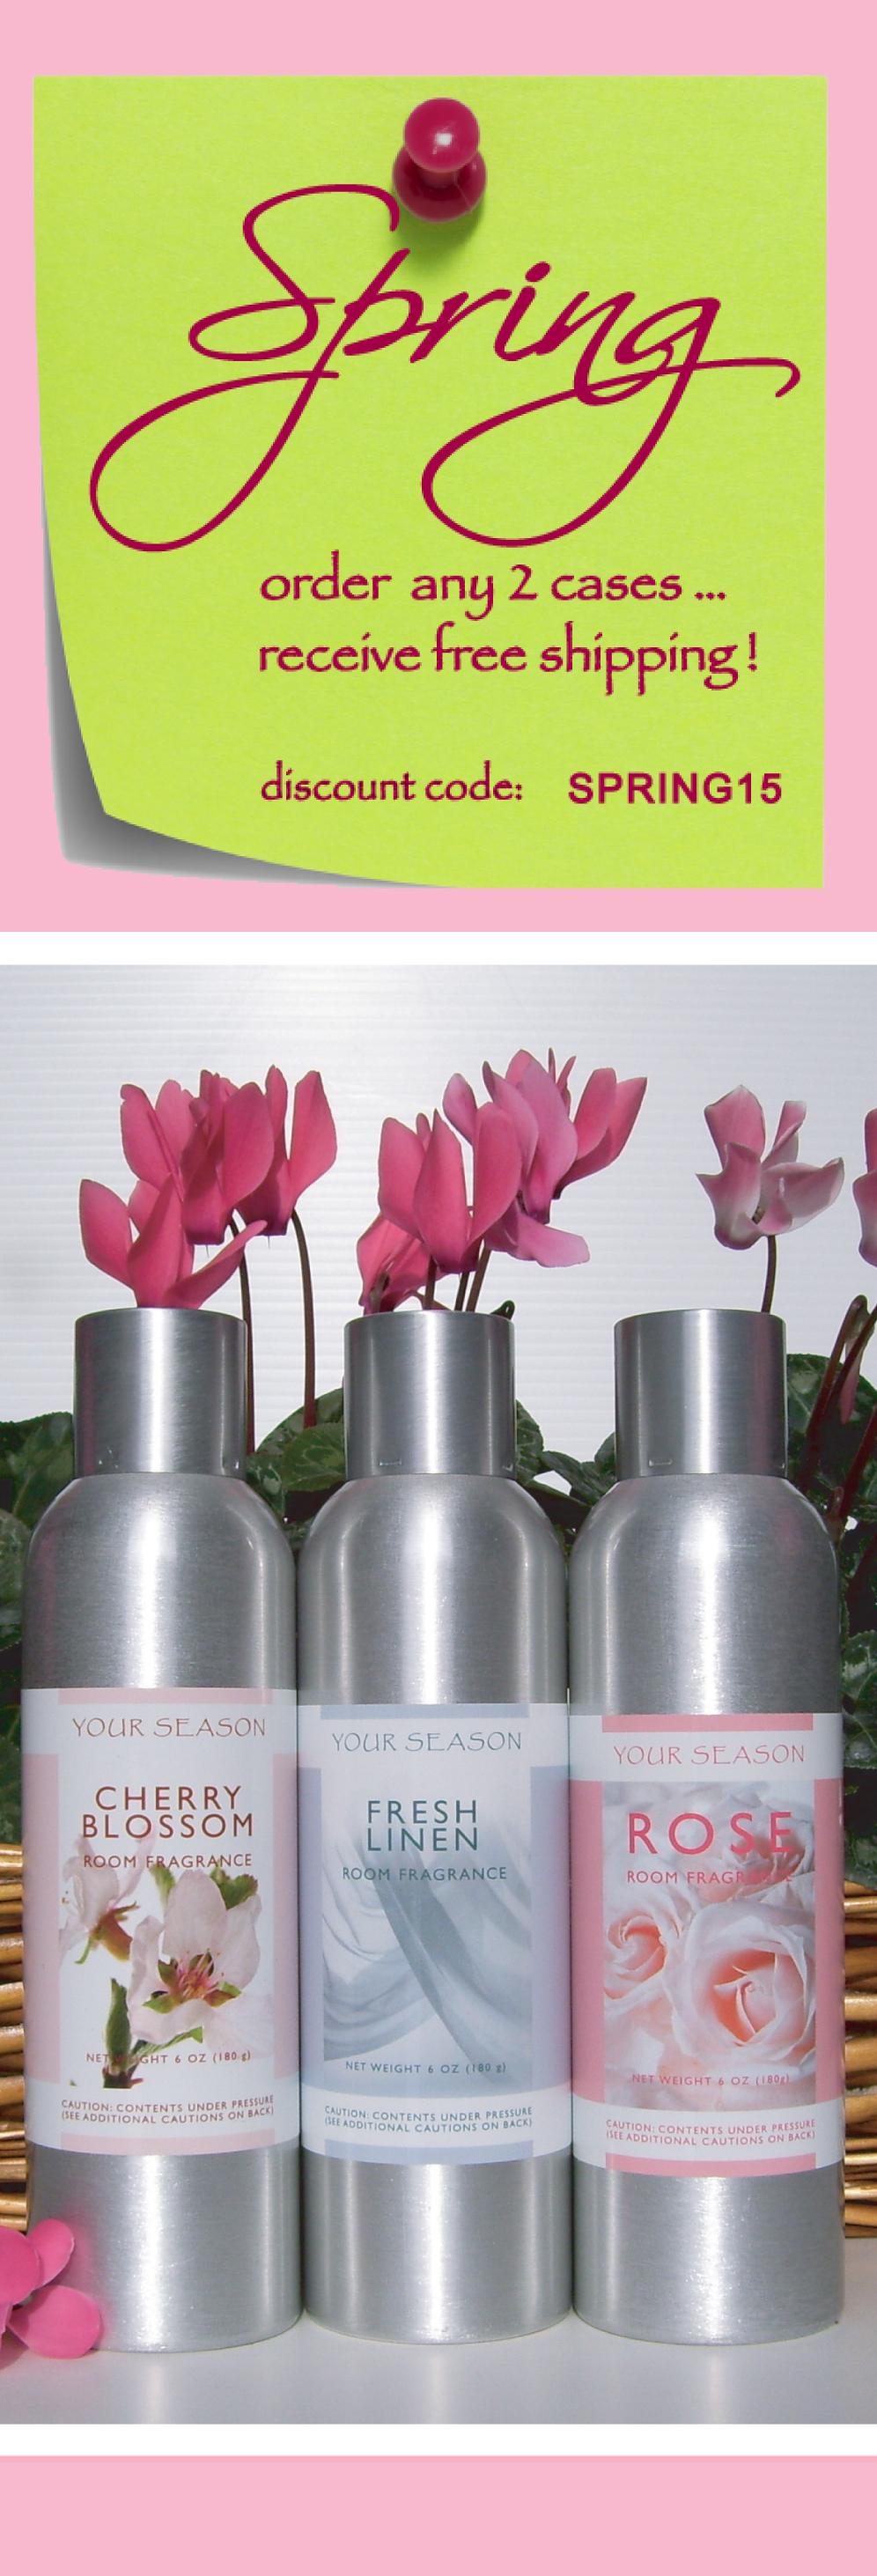 spring15-promo-1.jpg